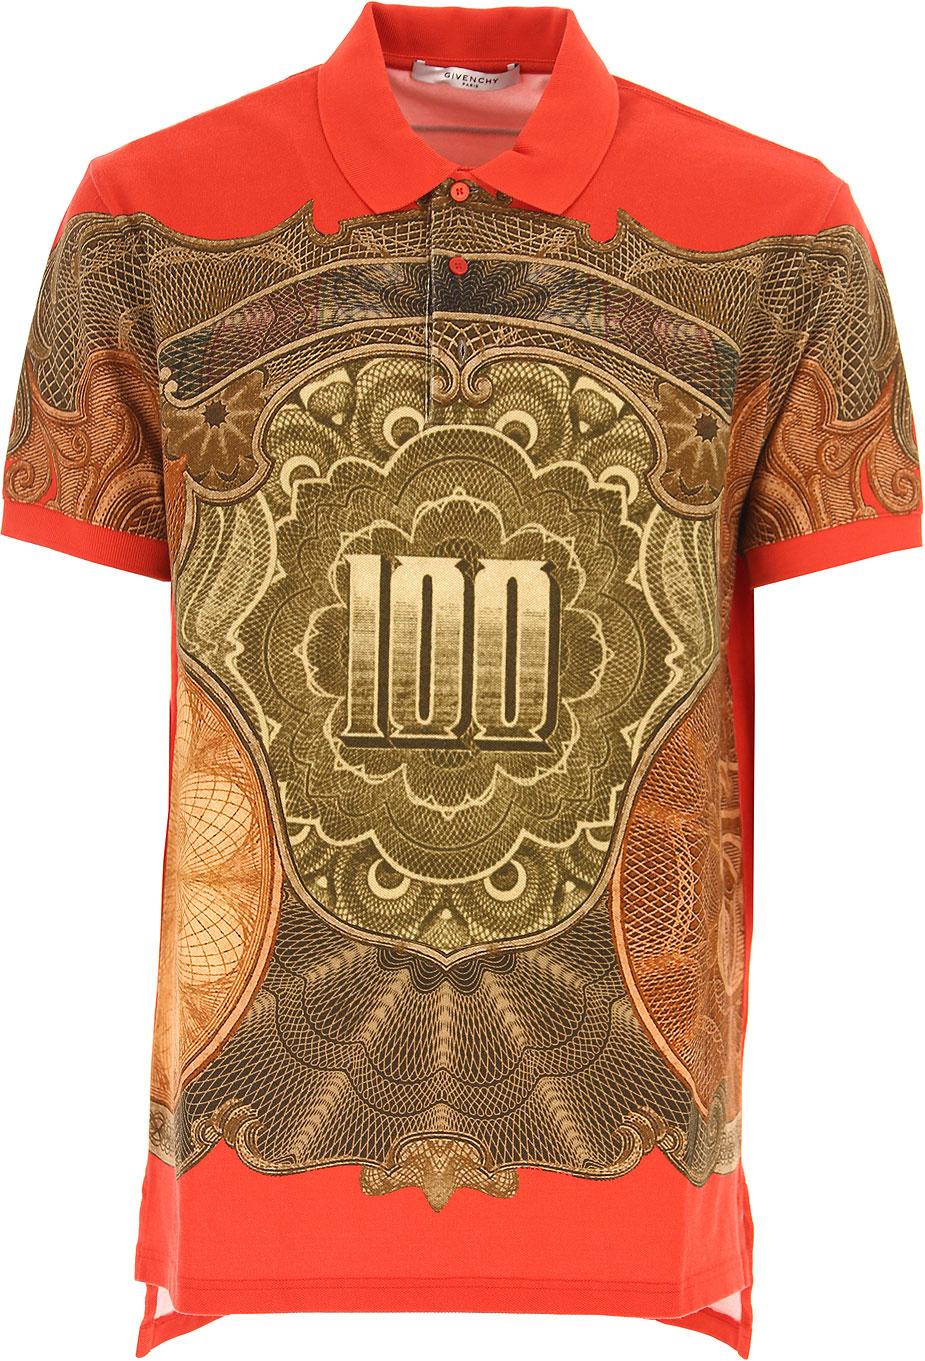 Abbigliamento Uomo Givenchy, Codice Articolo: 17j7305878-600-